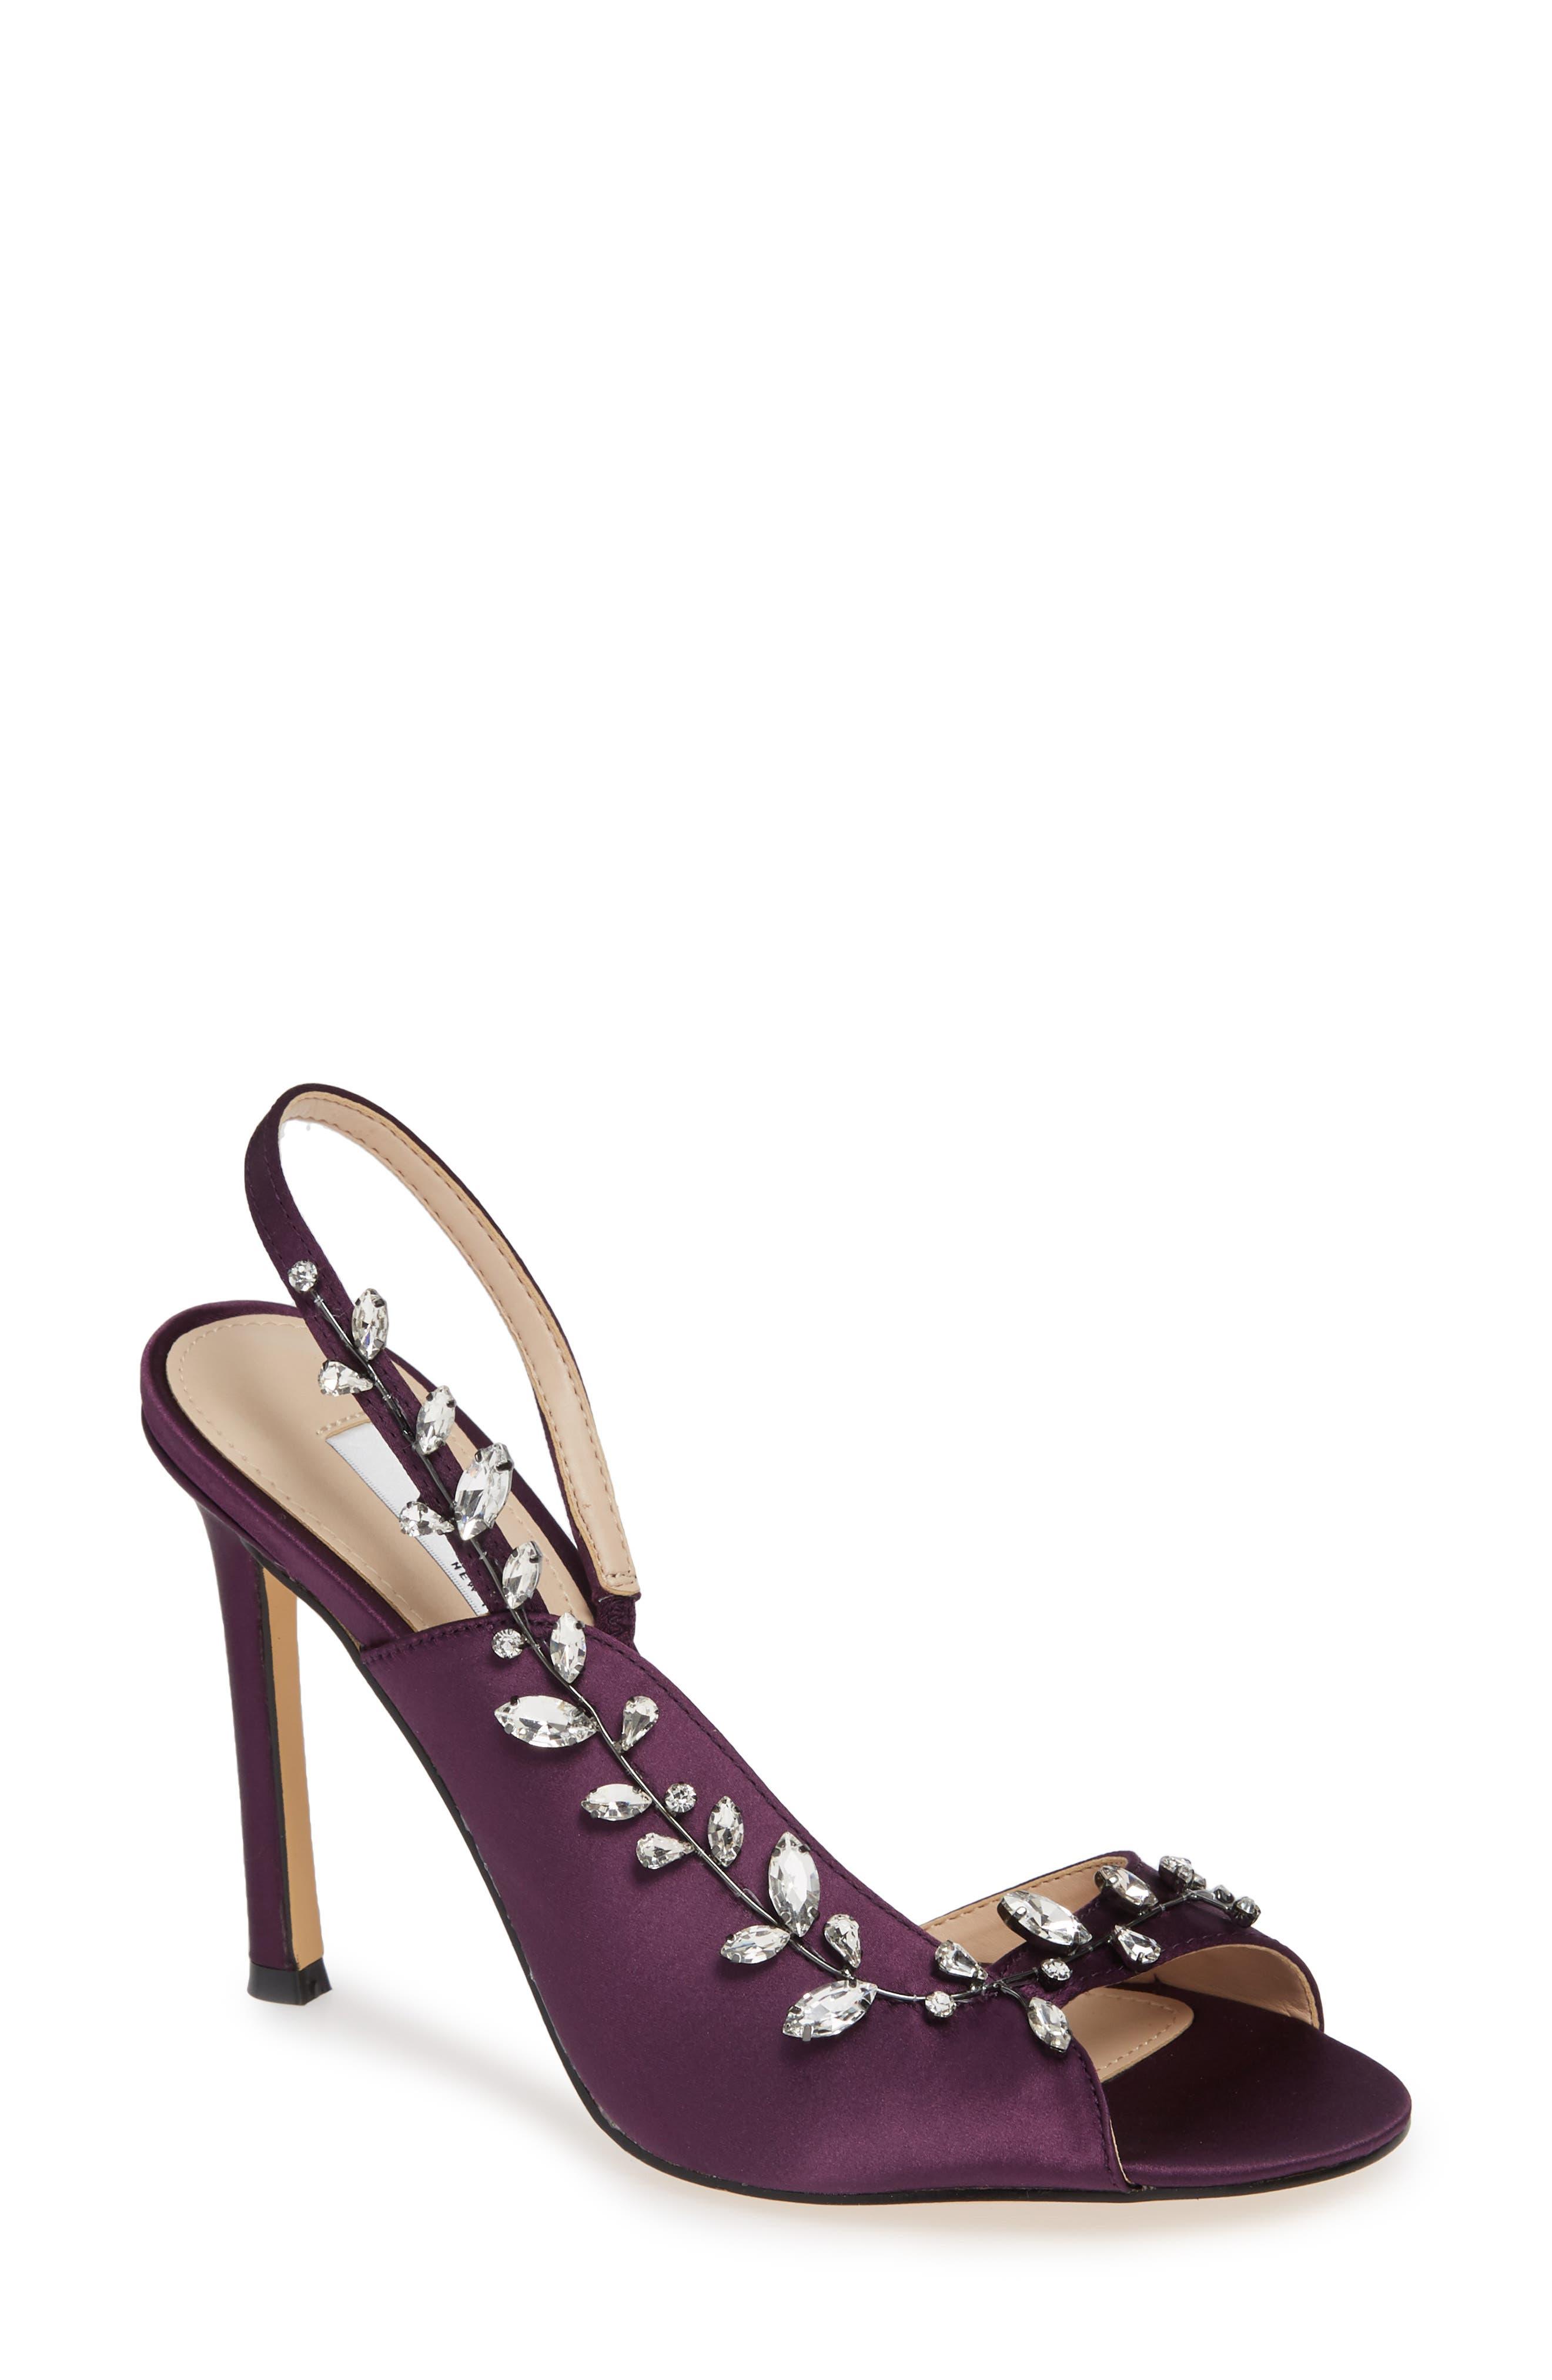 Deanna Embellished Sandal, Main, color, EGGPLANT SATIN